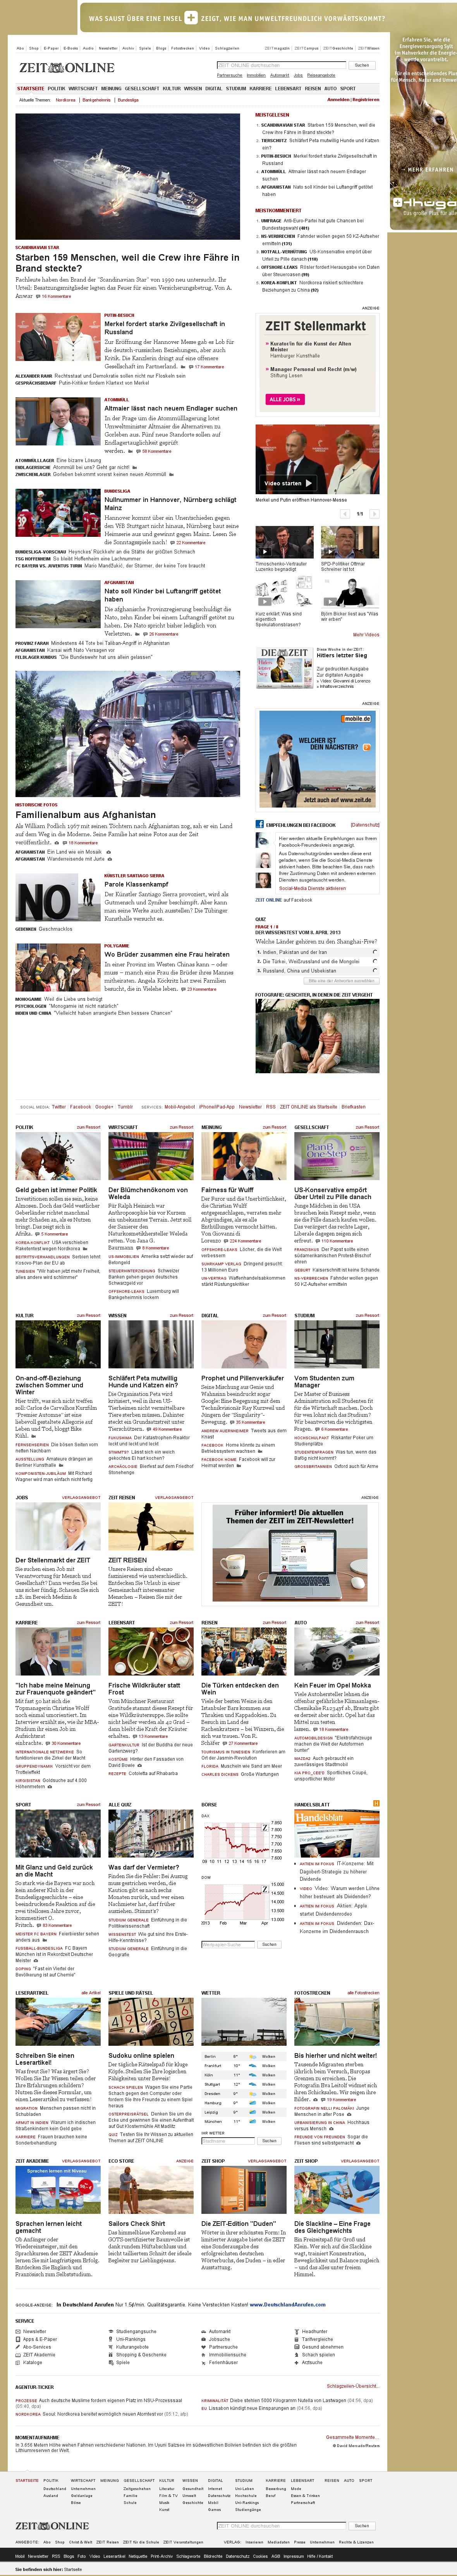 Zeit Online at Monday April 8, 2013, 4:26 a.m. UTC